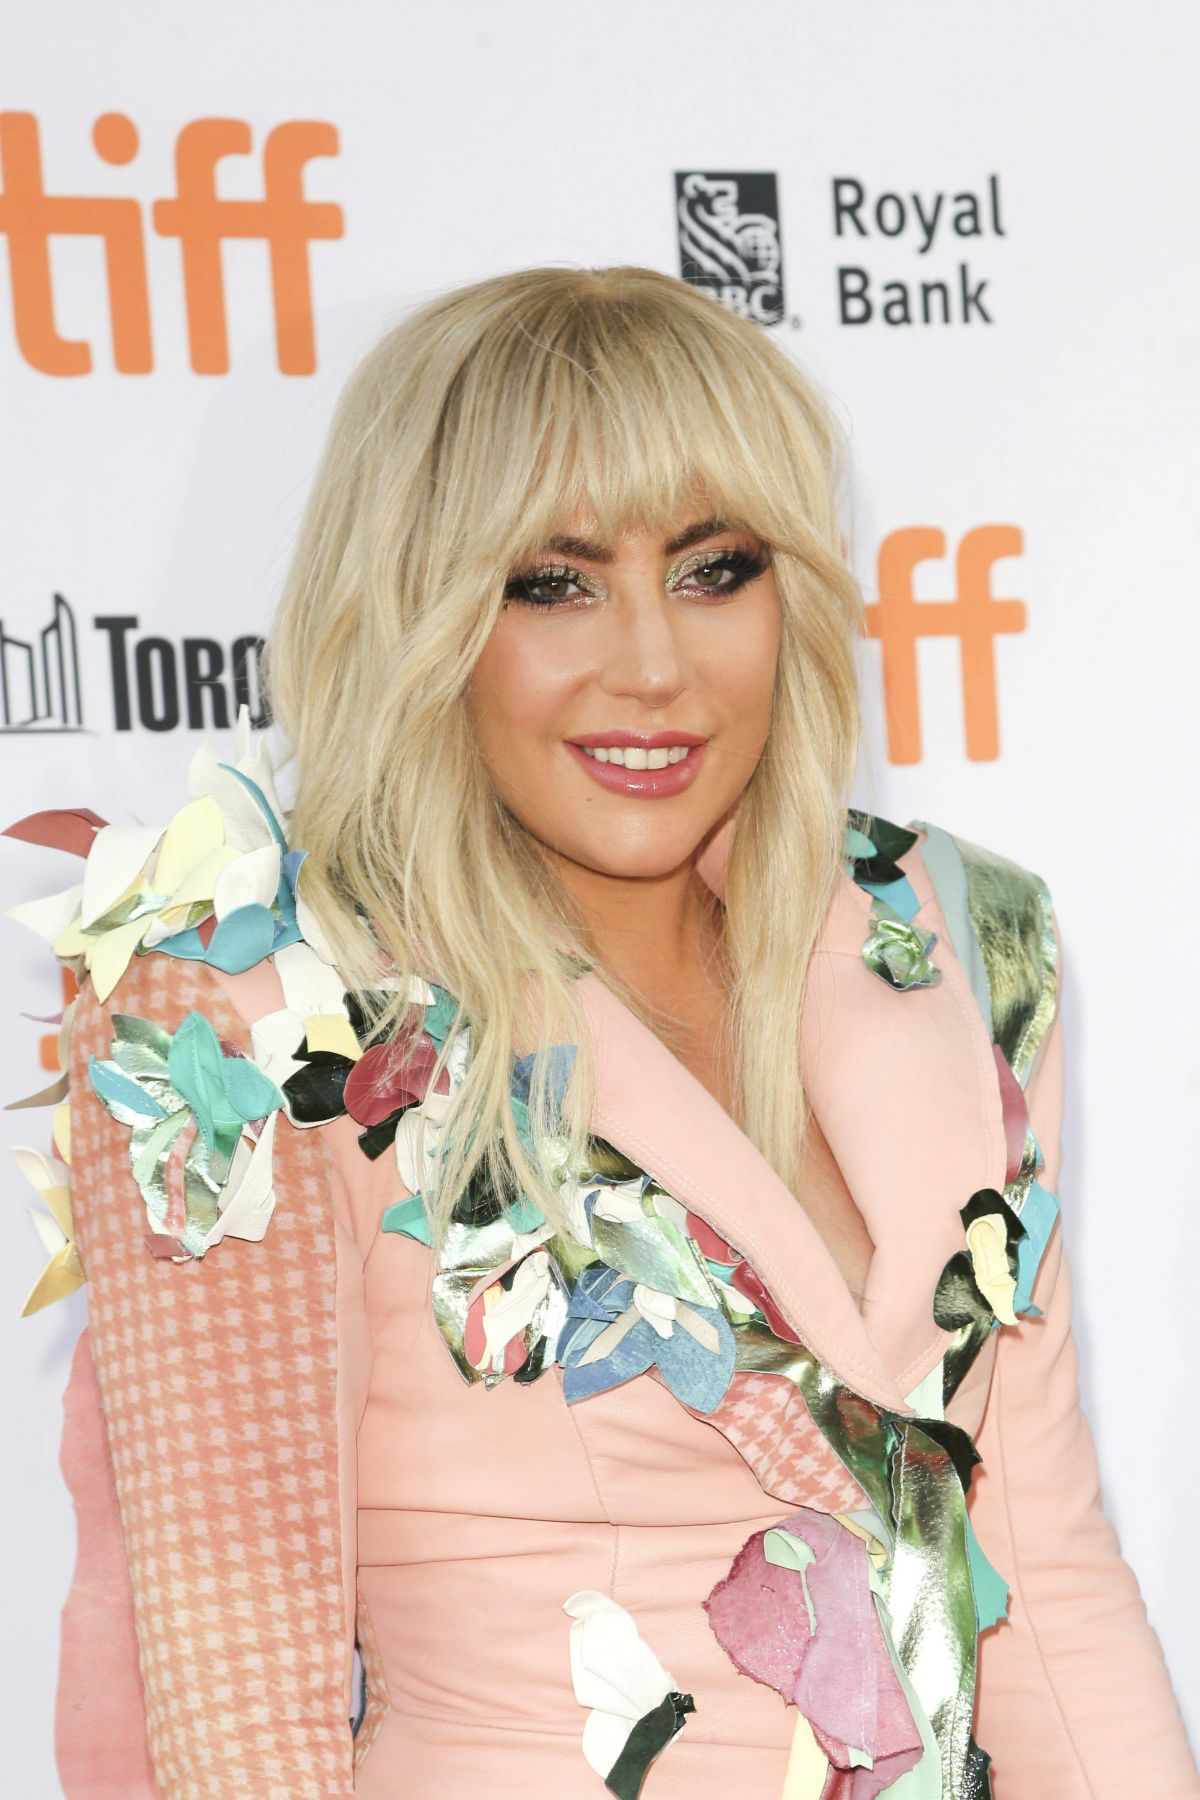 LADY GAGA at Gaga Five Foot Two Premiere at Toronto